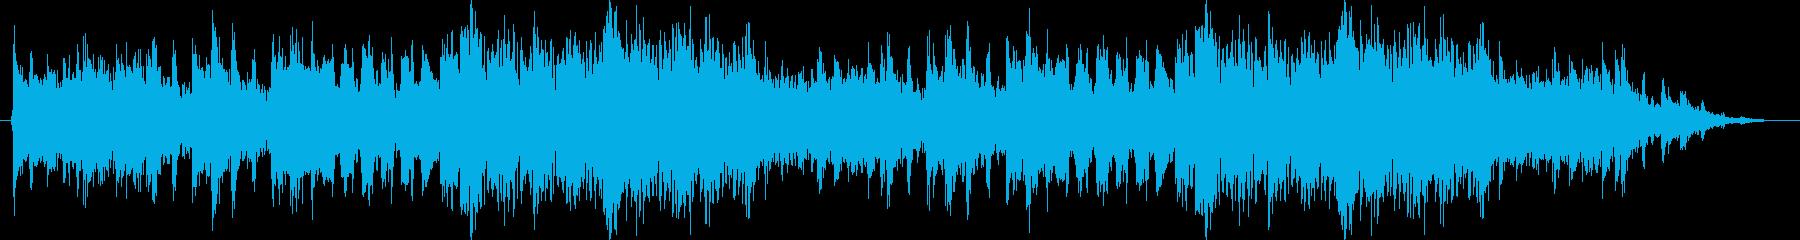 疾走感と緊張感ある戦闘曲(オーケストラ)の再生済みの波形